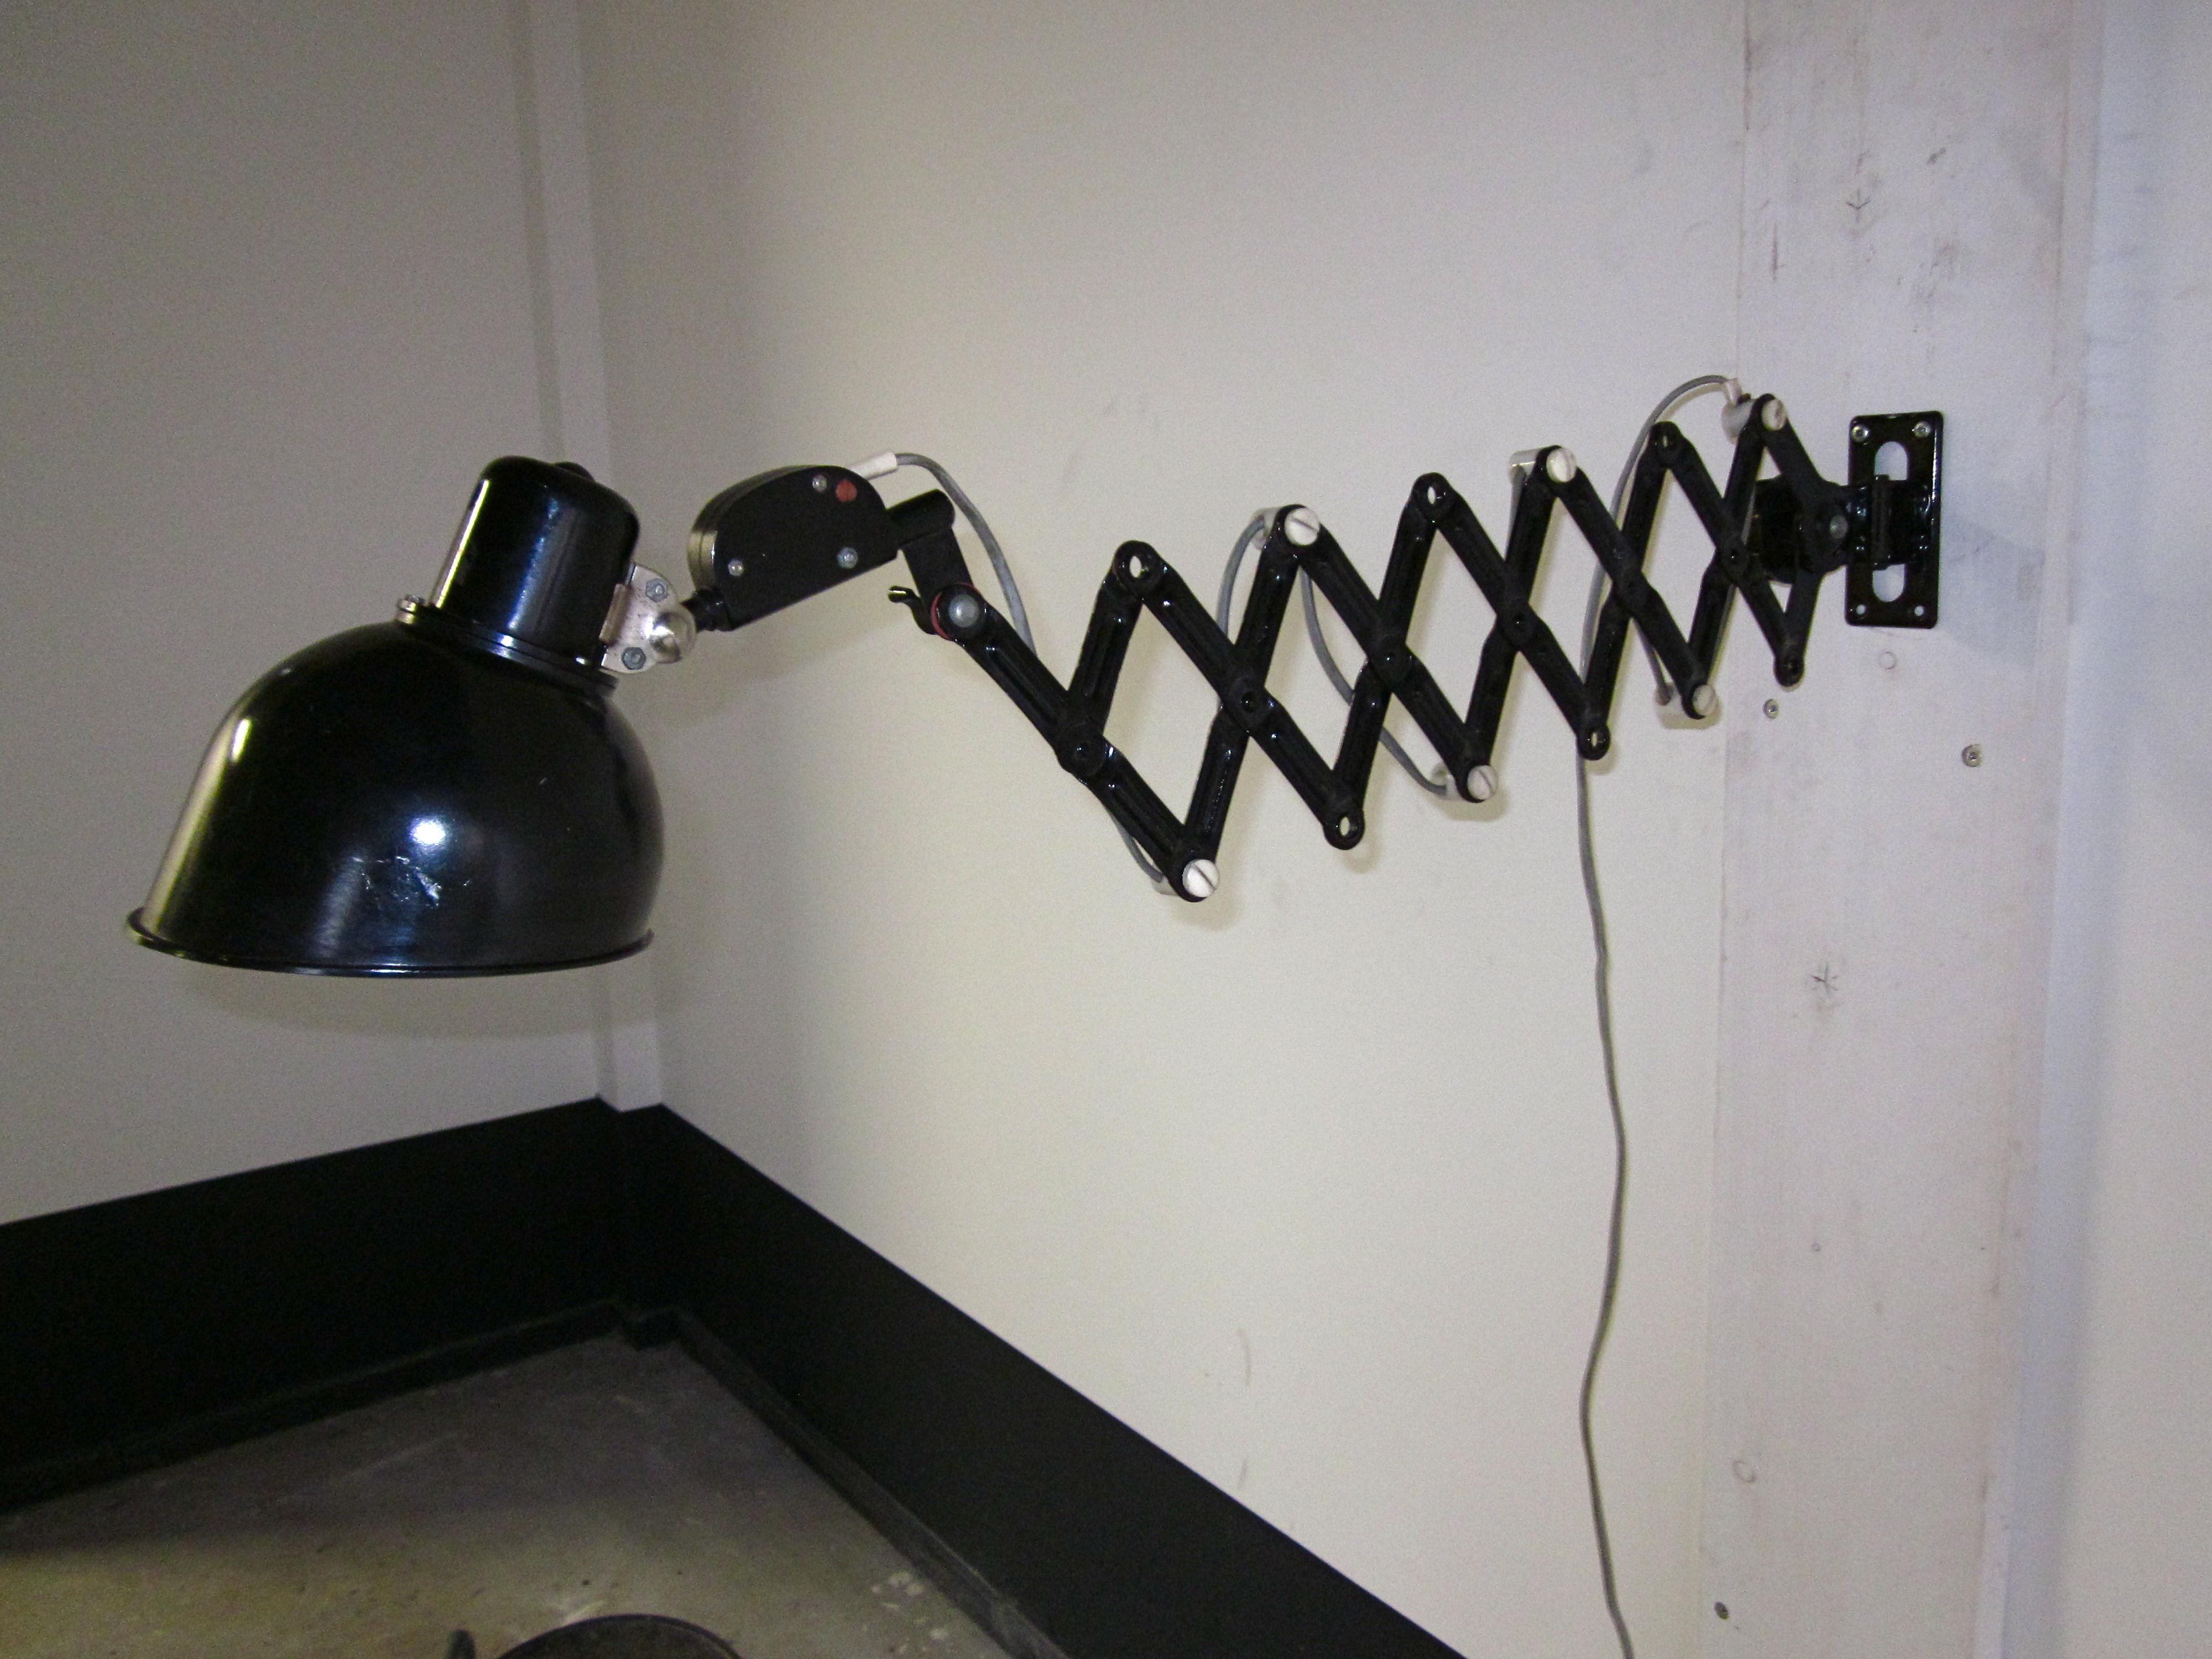 schaarlamp omstreeks 1950 trefwoorden kaiser idell jielde new industrialsnew industrials. Black Bedroom Furniture Sets. Home Design Ideas